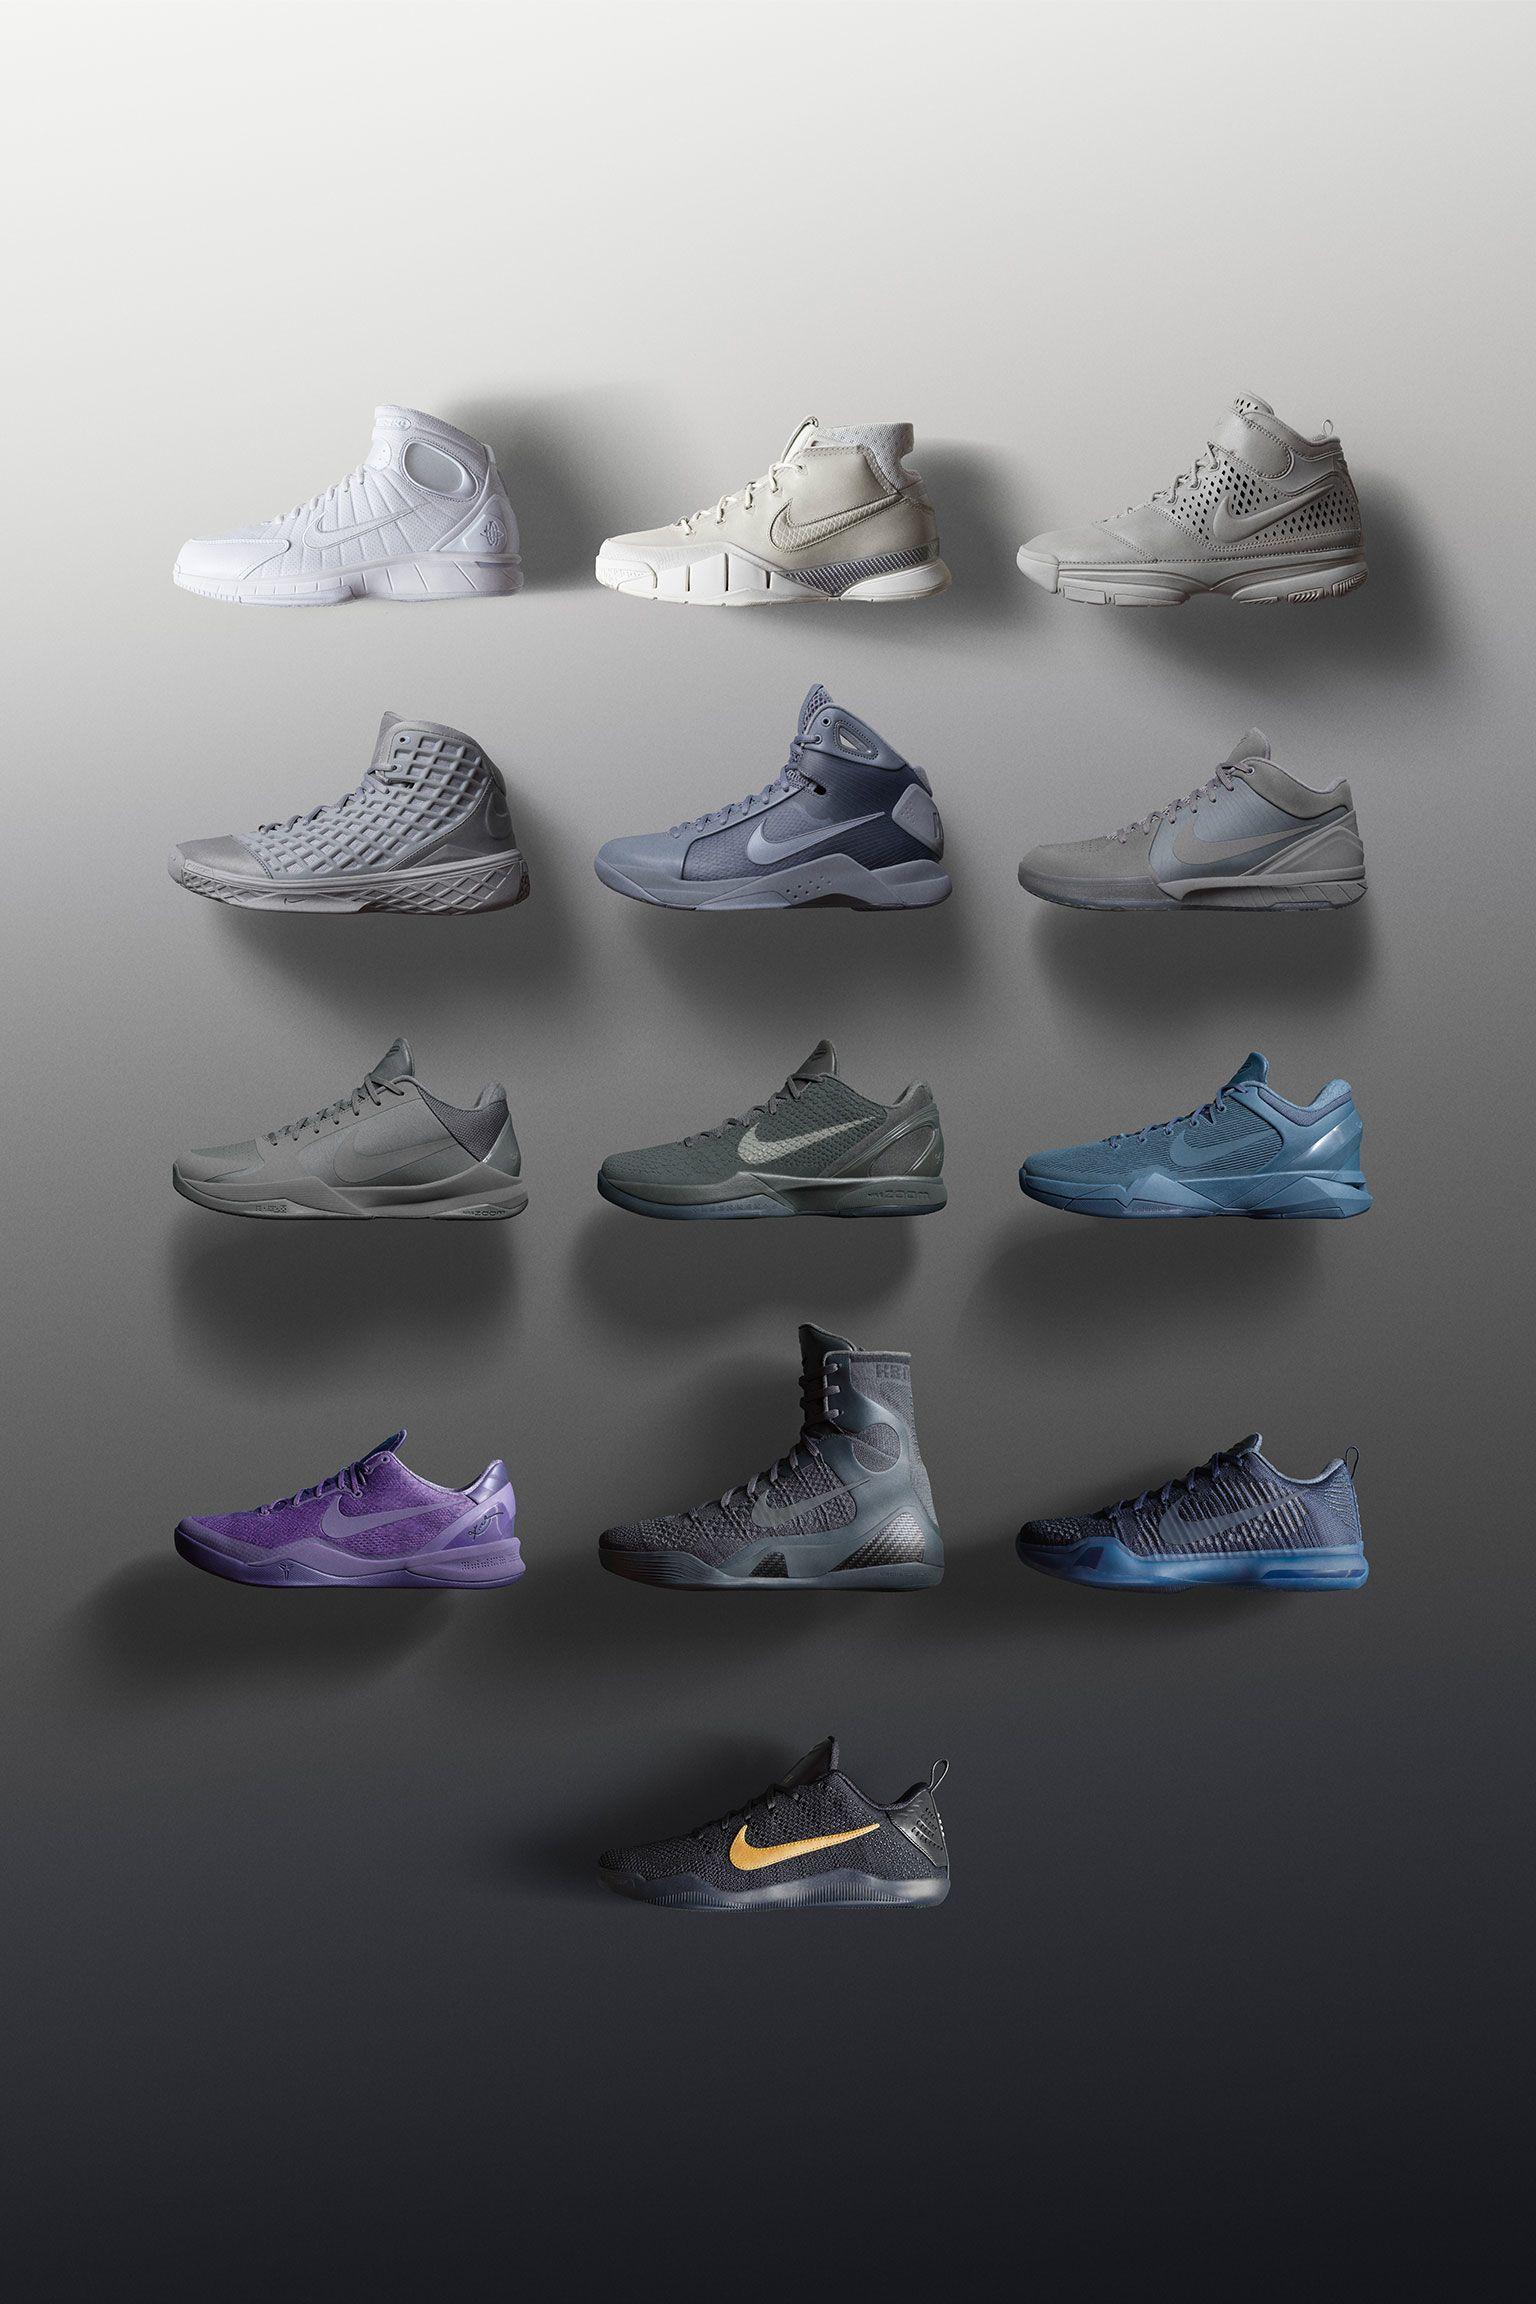 Nike Kobe 'Black Mamba' Pack Release Date. Nike SNKRS